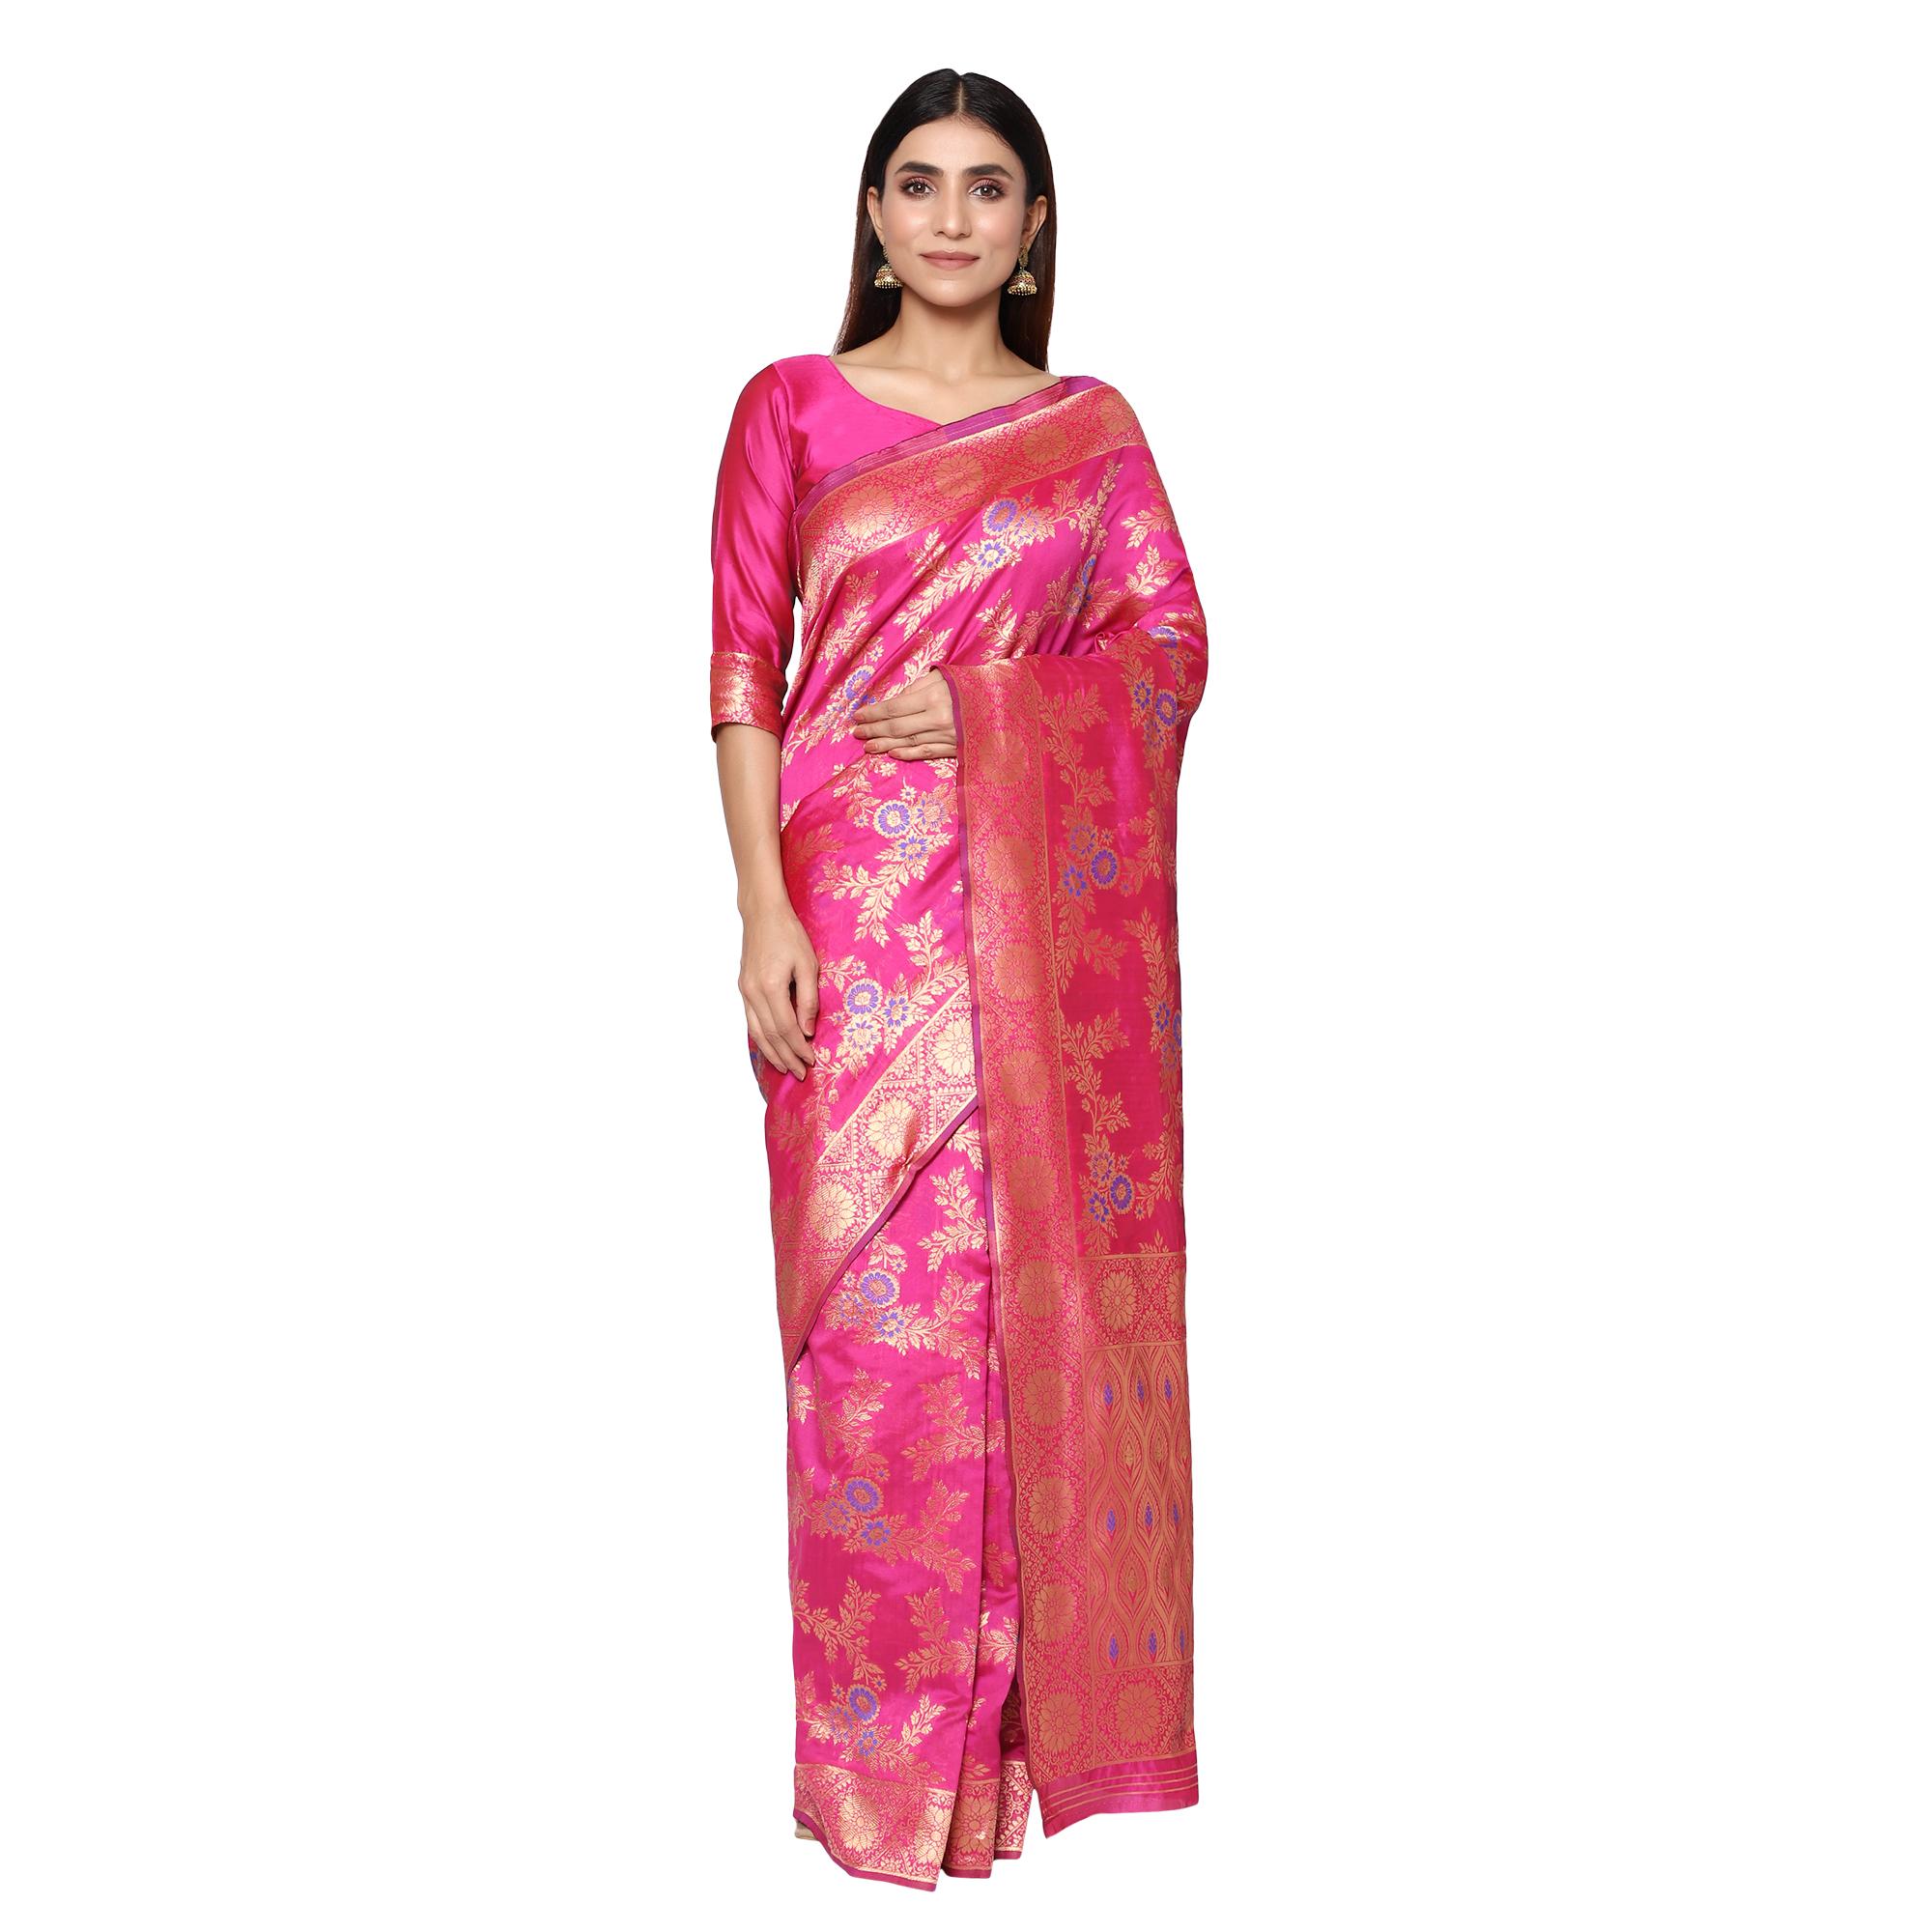 Glemora | Glemora Pink Designer Ethnic Wear Silk Blend Banarasi Traditional Saree